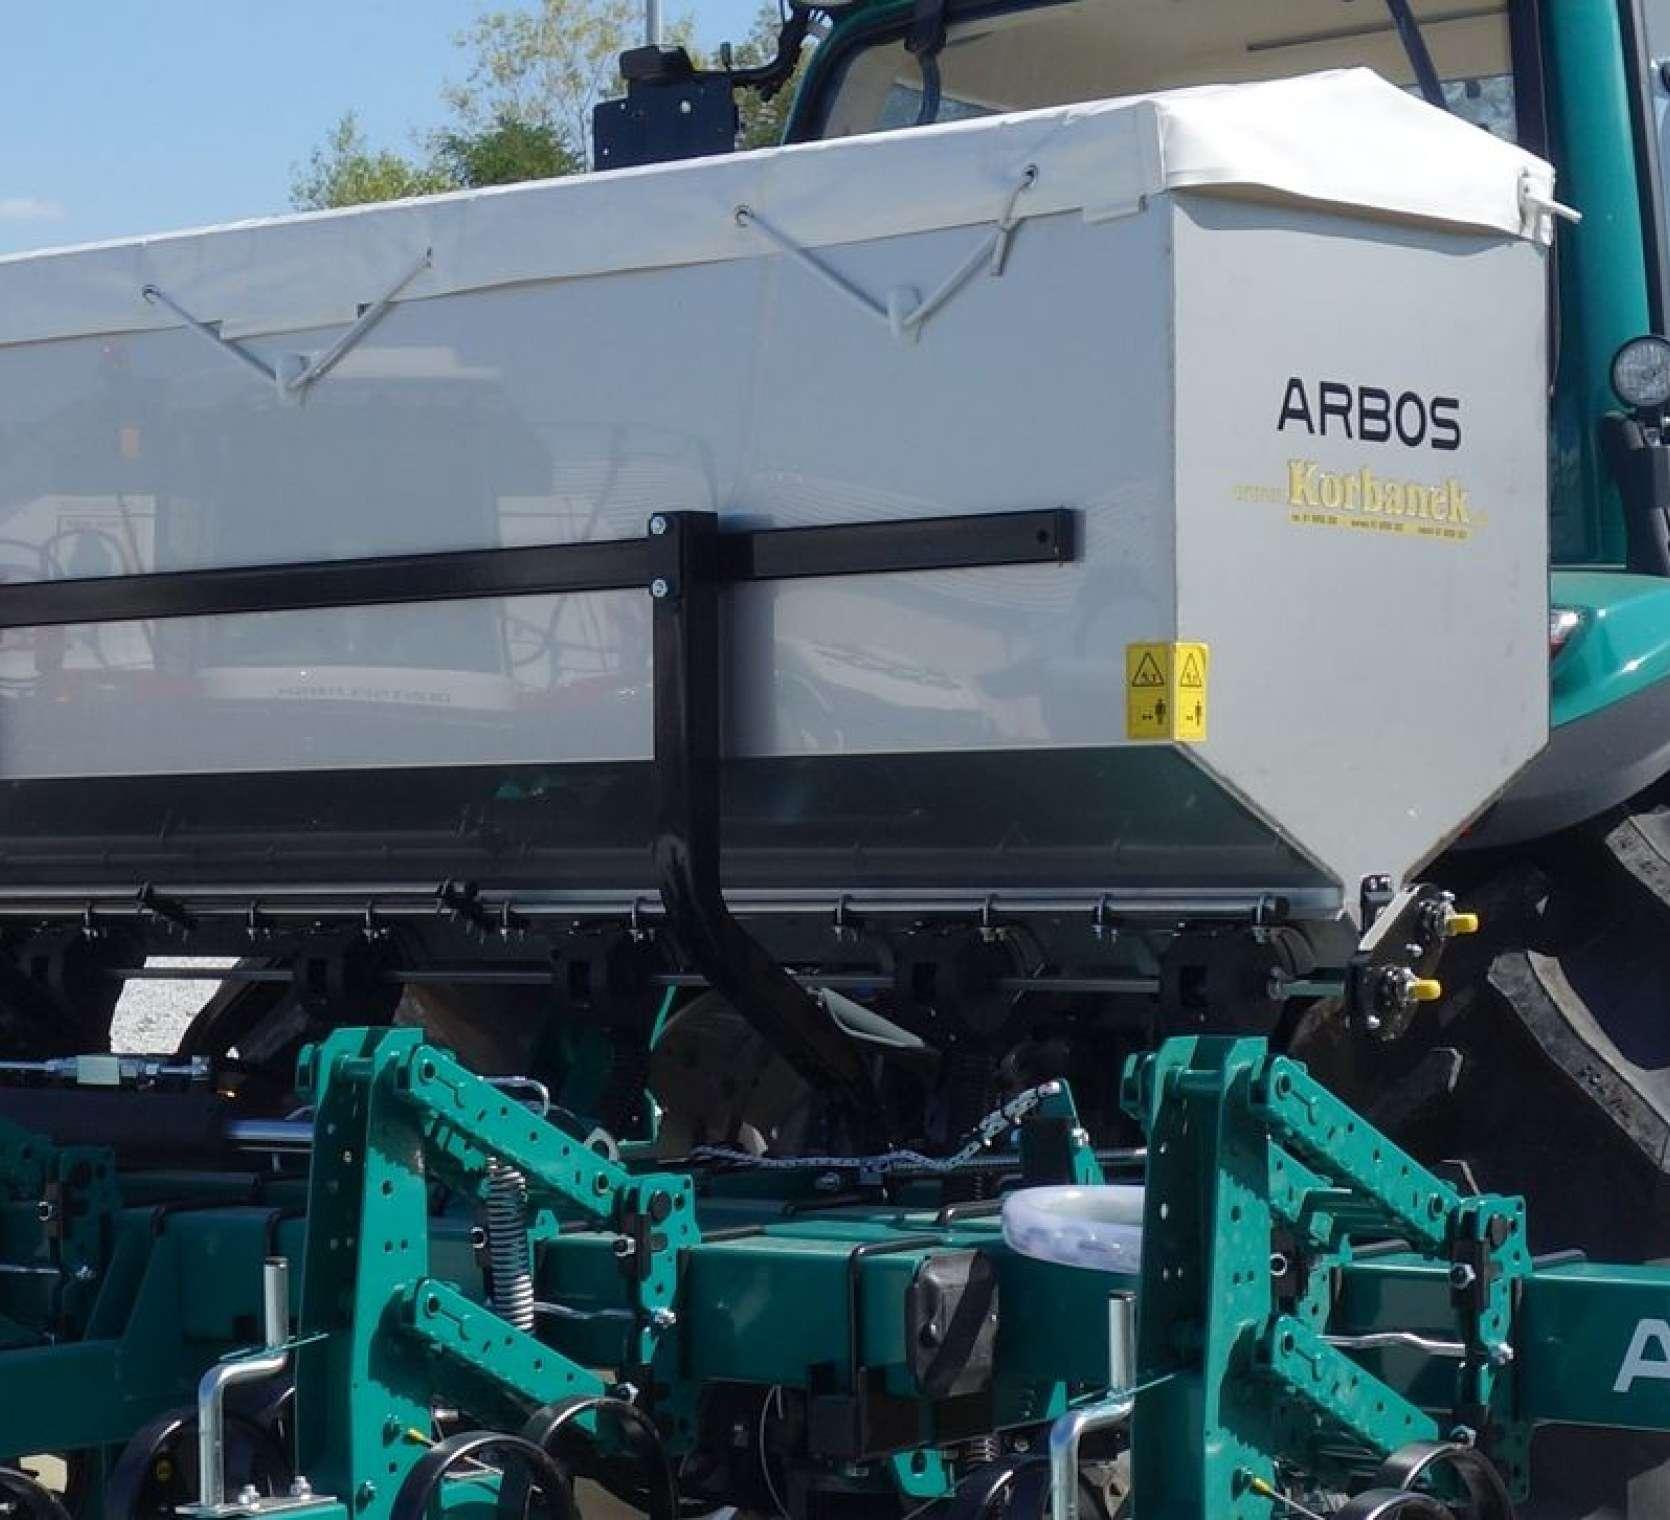 Podsiewacz pielnika ARBOS ze stali nierdzewnej INOX